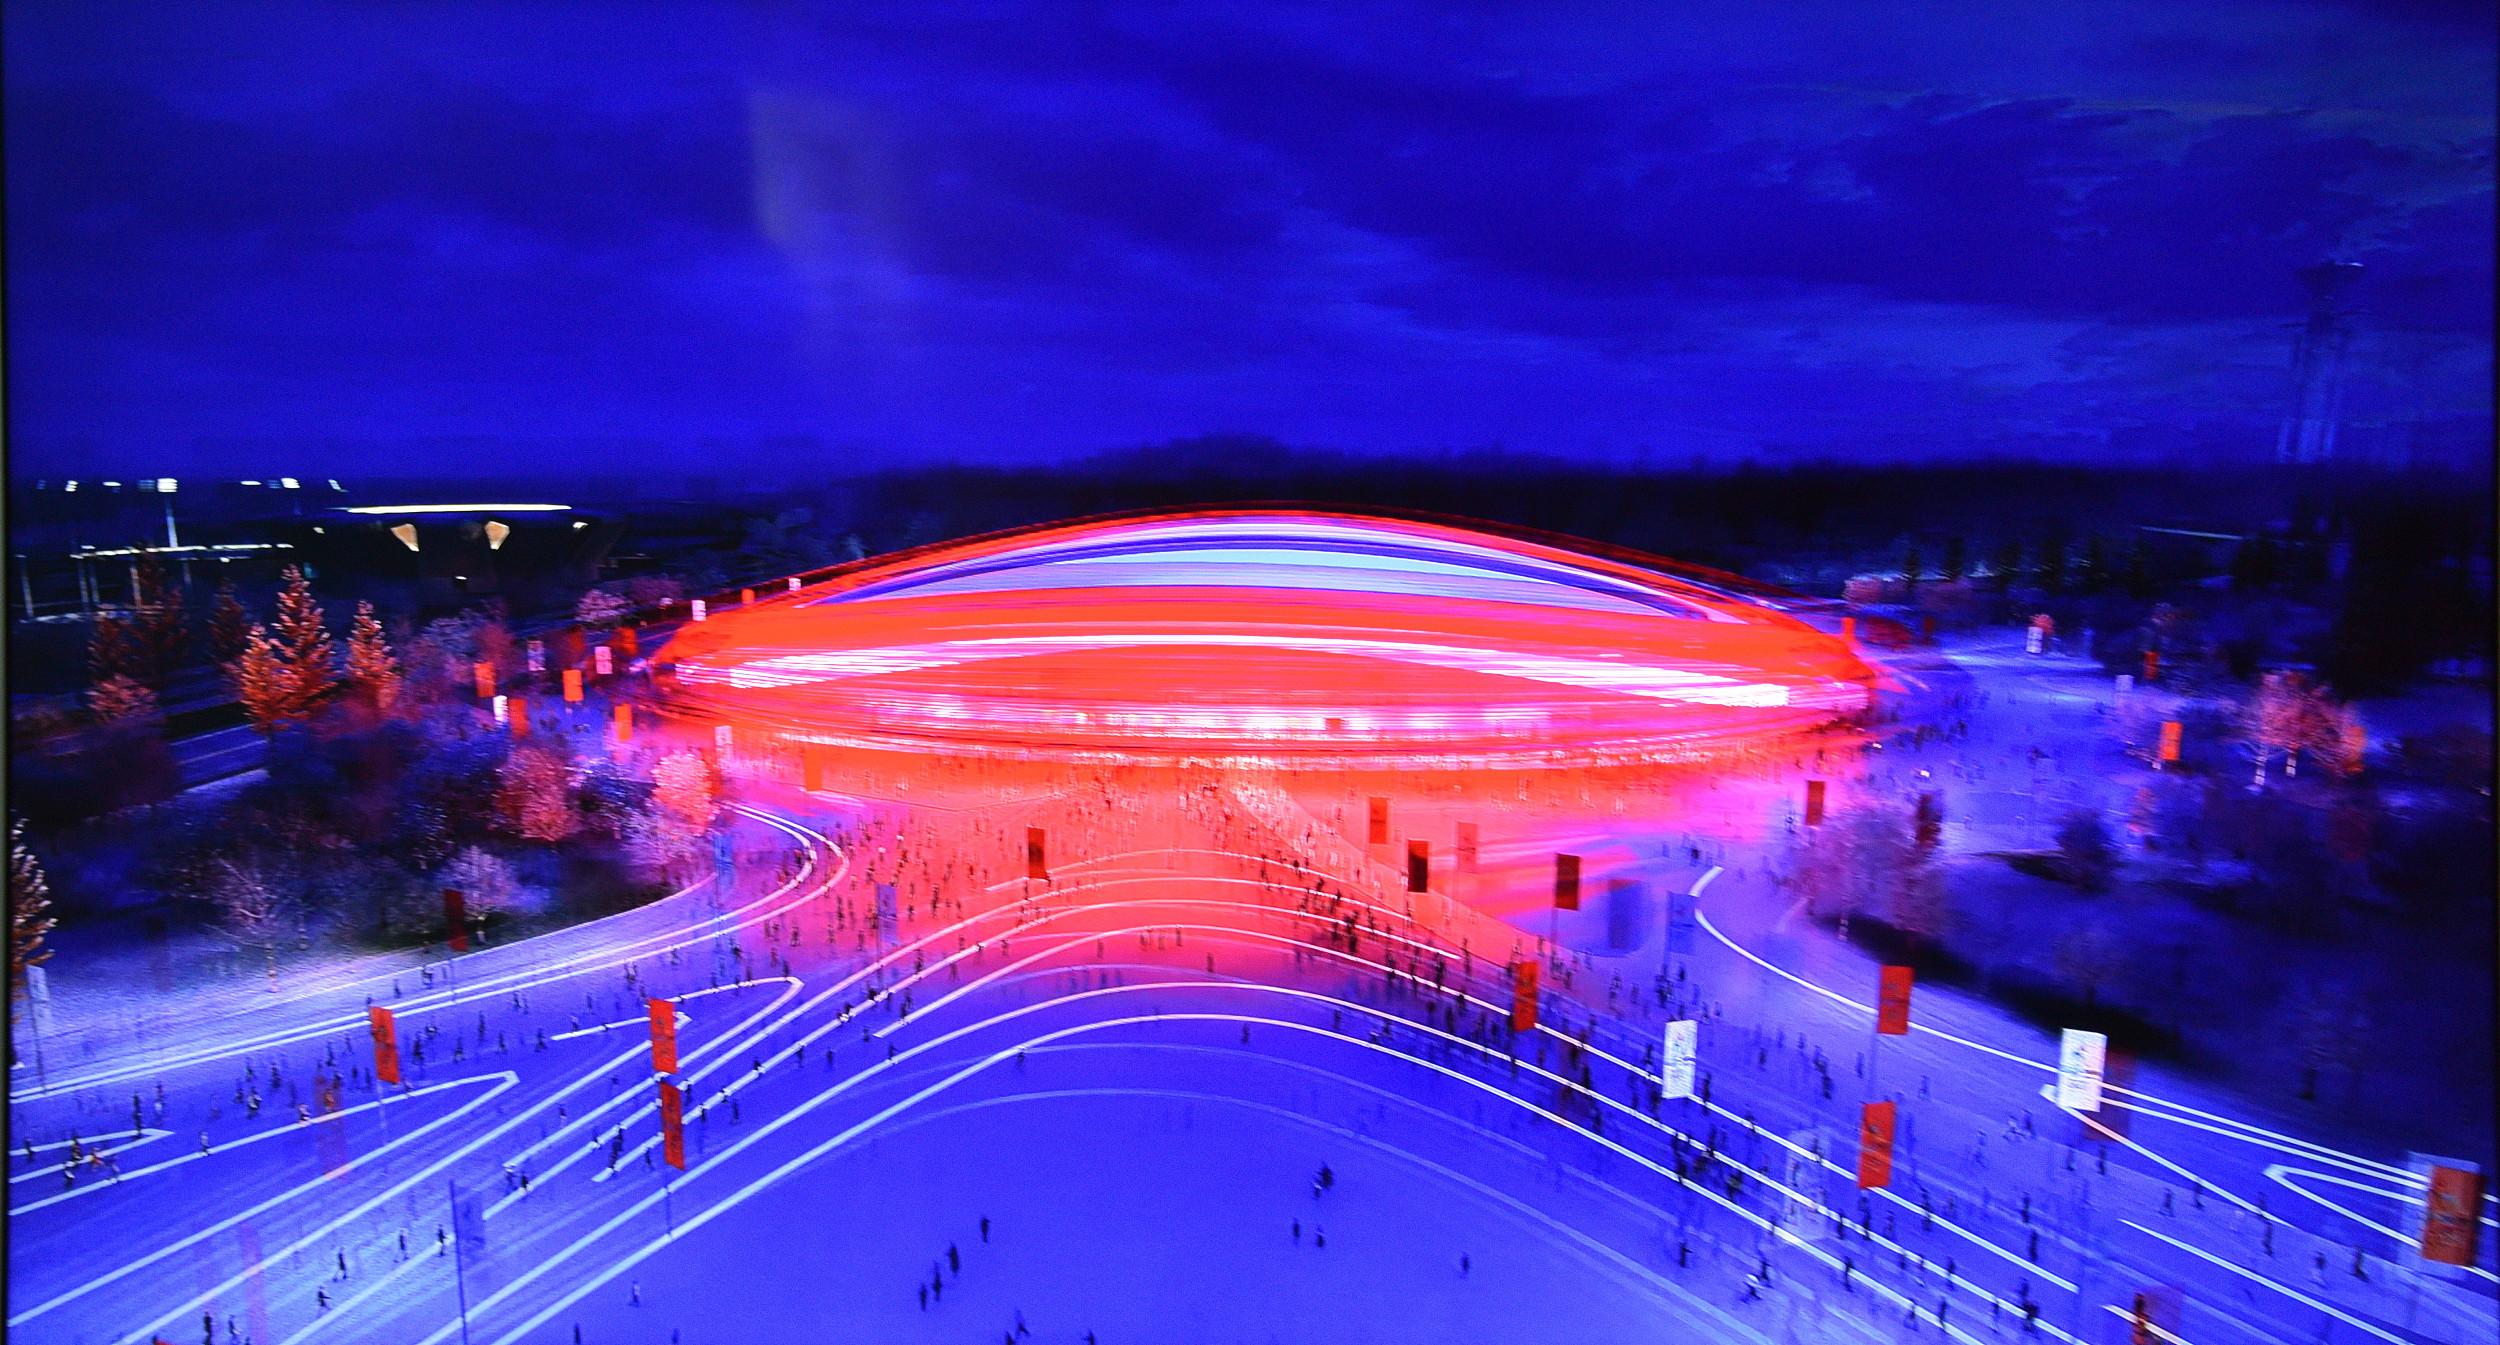 作为2008年奥运会期间多个水上项目的比赛场地,水立方在2022年北京冬奥会期间将化身冰立方,成为冰壶项目的比赛场。图片来自视觉中国 作为2008年北京奥运会游泳和跳水比赛场馆的水立方,如何将水变成冰?   冰壶比赛对冰面条件的要求近乎苛刻,单是铺设冰道一项就需很高的技术含量:浇冰要用净水,冰面温度要严格监测和控制,保证冰面不湿滑、硬度和粘度适中。   一般来说,冬奥会冰壶场地贴近冰面的温度在零下10摄氏度左右,才能达到比赛要求,但是现场观众席又不宜温度过低,一般要控制在1618摄氏度之间。   要两